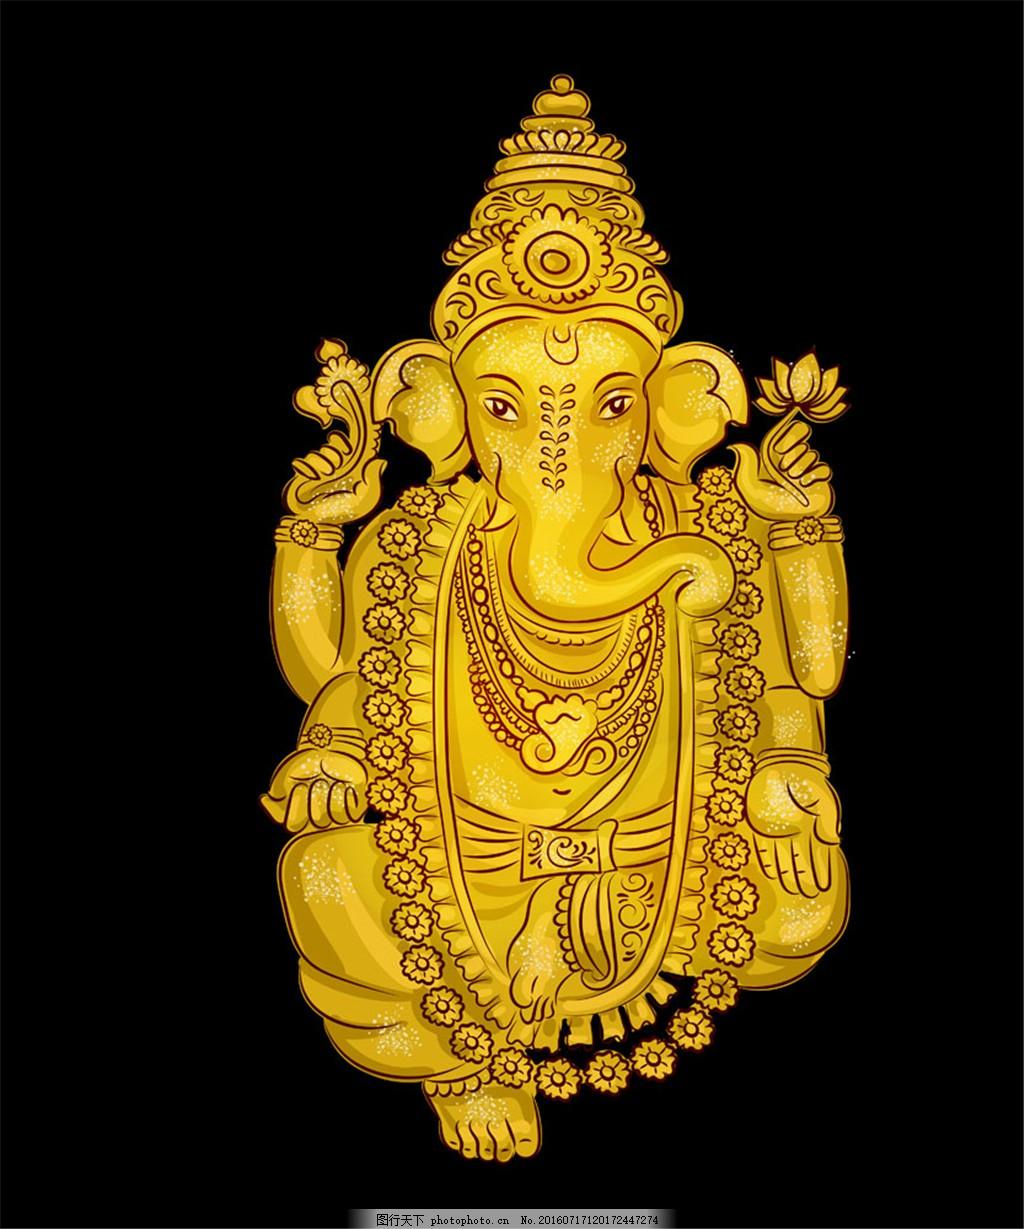 象神画像 金色画像 矢量 动物画像 创意画像